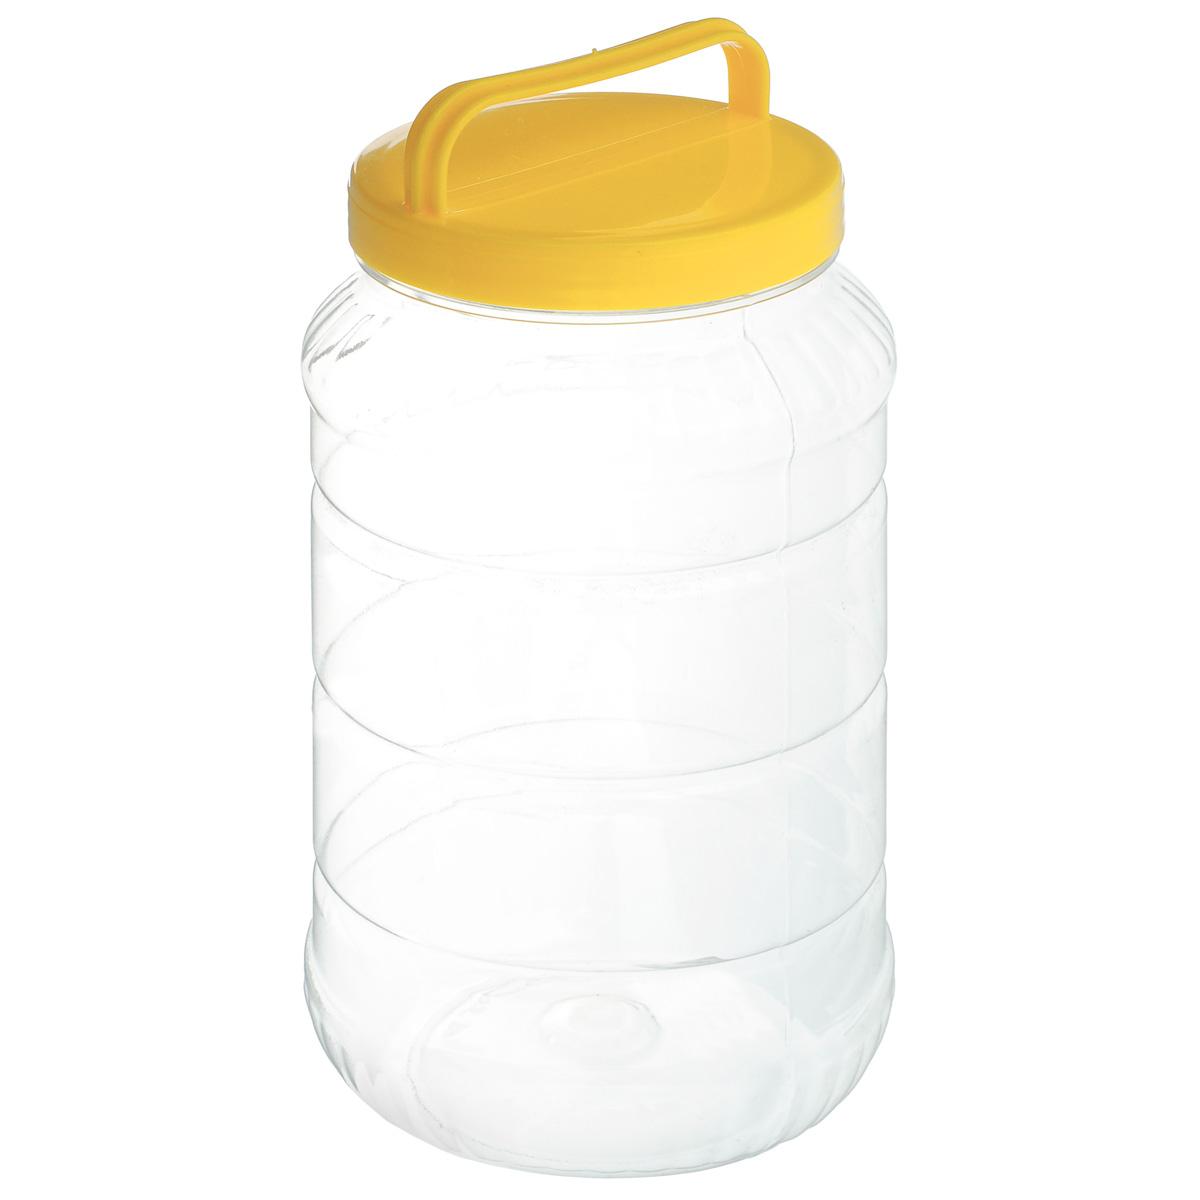 Бидон Альтернатива, цвет: желтый, 3 лМ462Бидон Альтернатива предназначен для хранения и переноски пищевых продуктов, таких как молоко, вода и прочее. Выполнен из пищевого высококачественного ПЭТ. Оснащен ручкой для удобной переноски. Бидон Альтернатива станет незаменимым аксессуаром на вашей кухне. Высота бидона (без учета крышки): 25 см. Диаметр: 10,5 см.